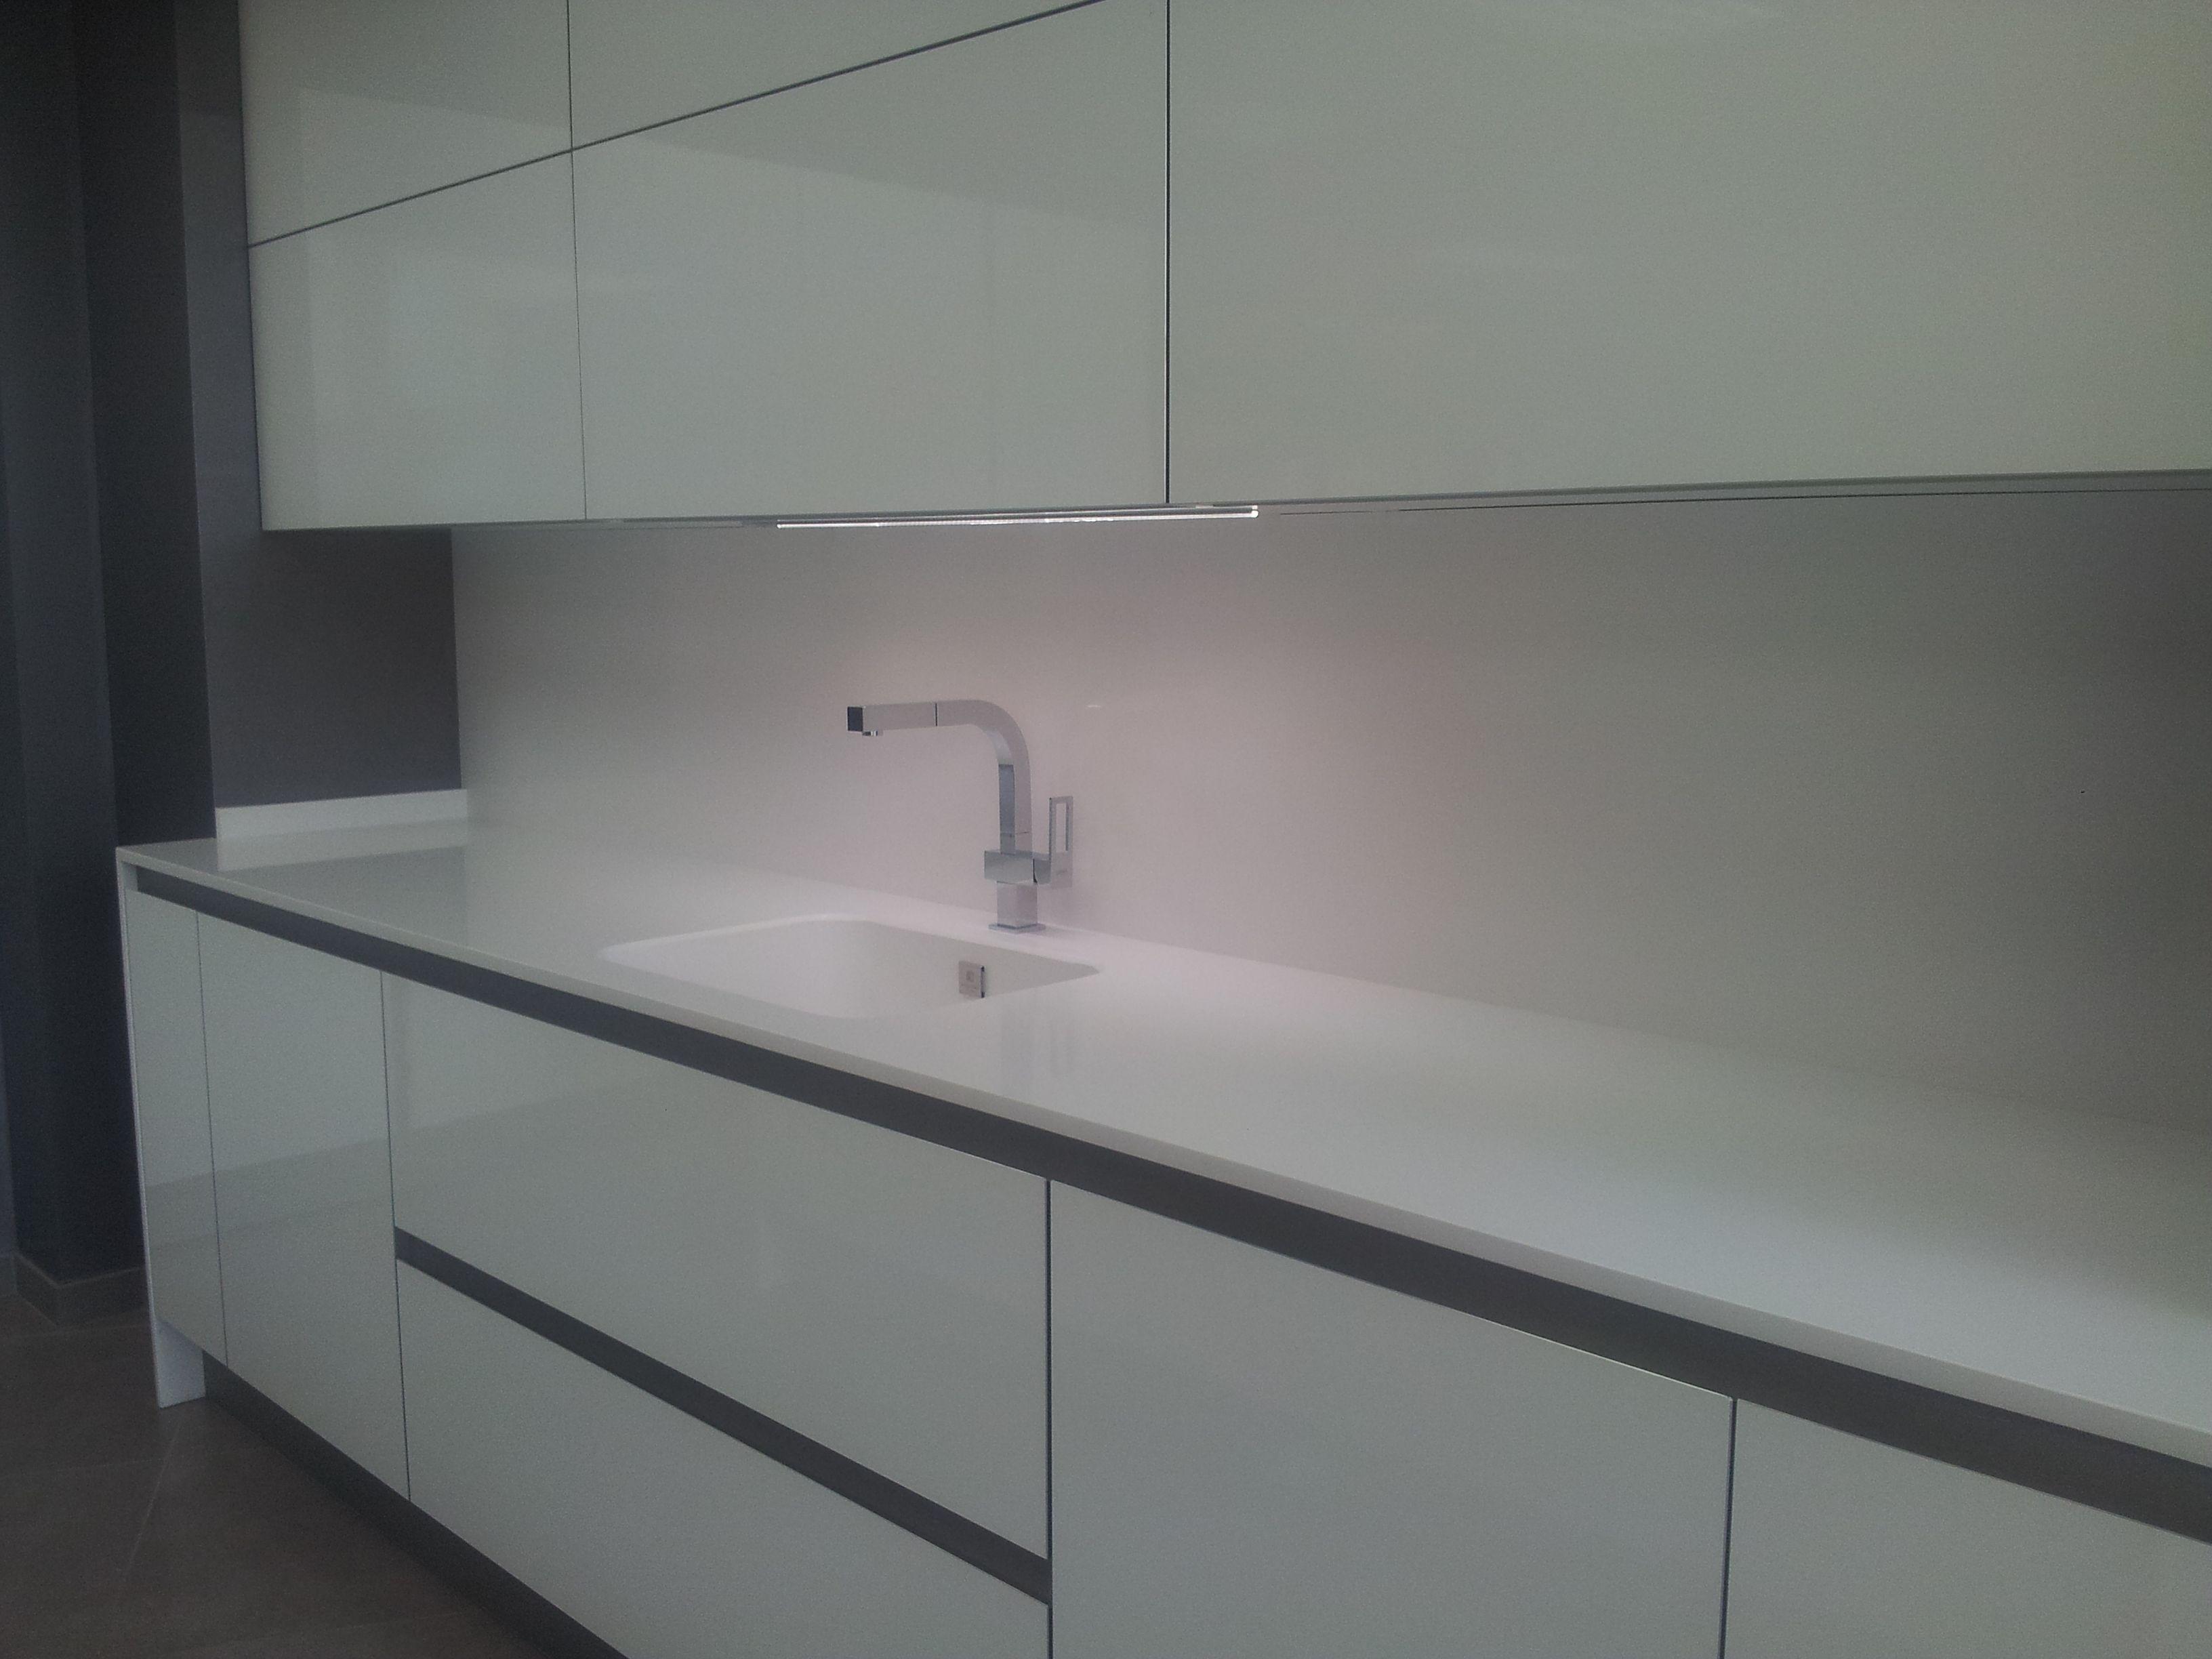 Encimera de cocina en silestone blanco zeus con fregadero - Encimera silestone blanco ...